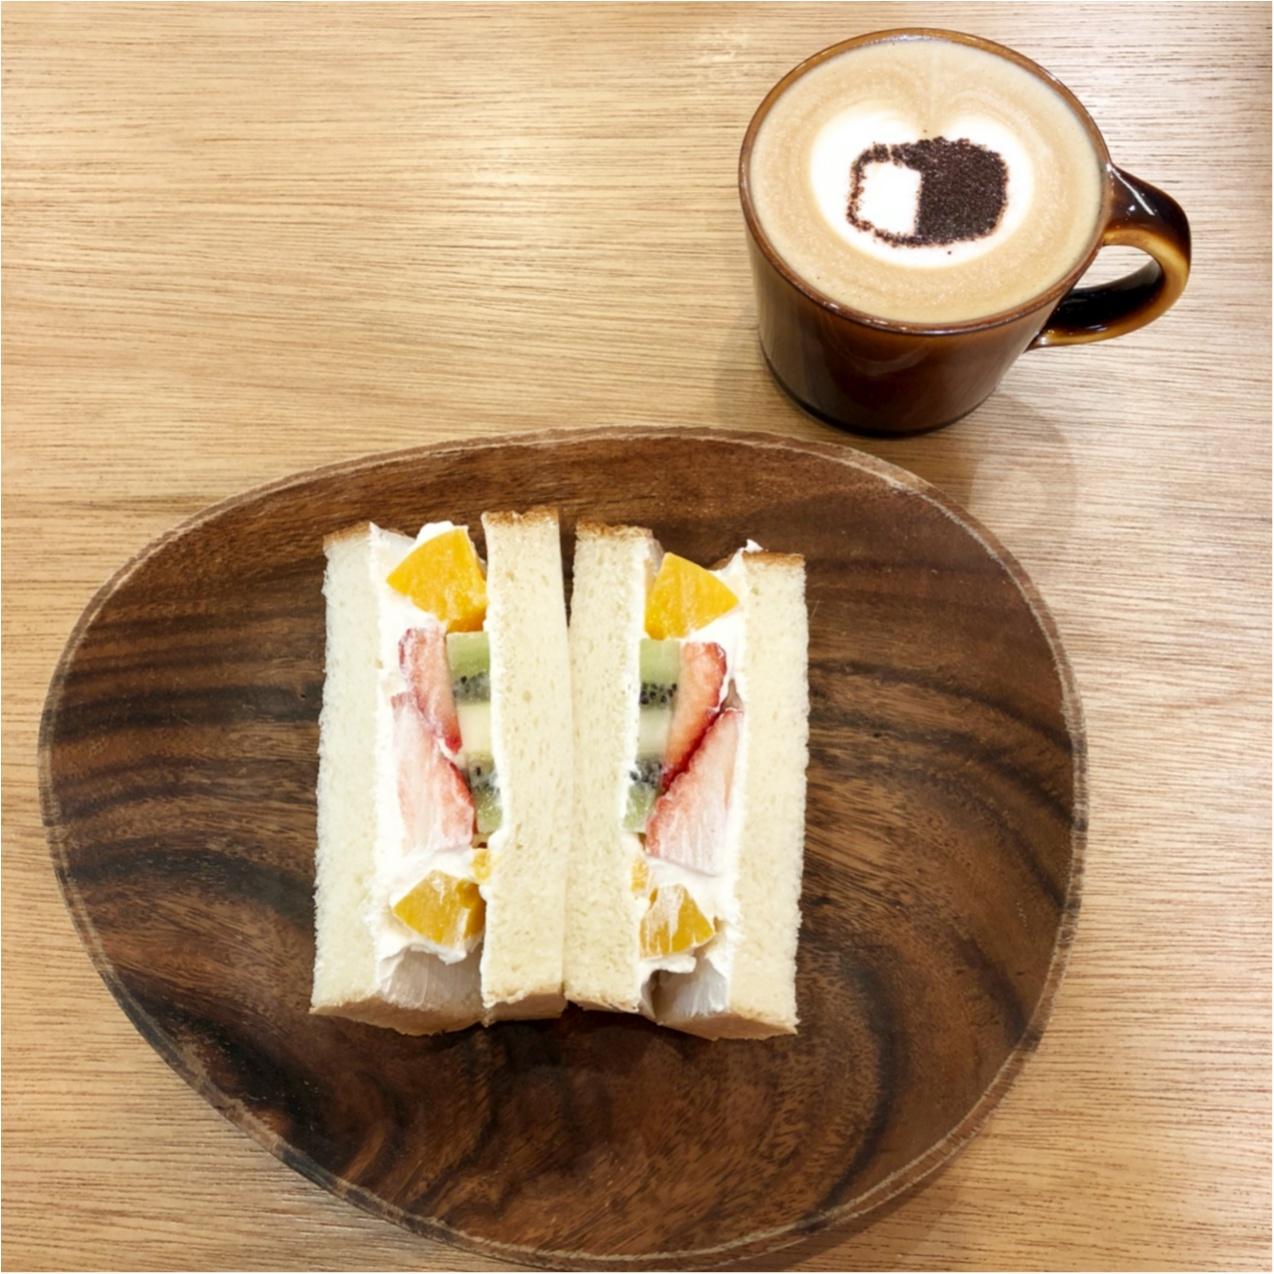 博多の食パン専門店『 むつか堂カフェ  』のフルーツミックスサンドがふわふわ甘くて美味しい♡♡_5